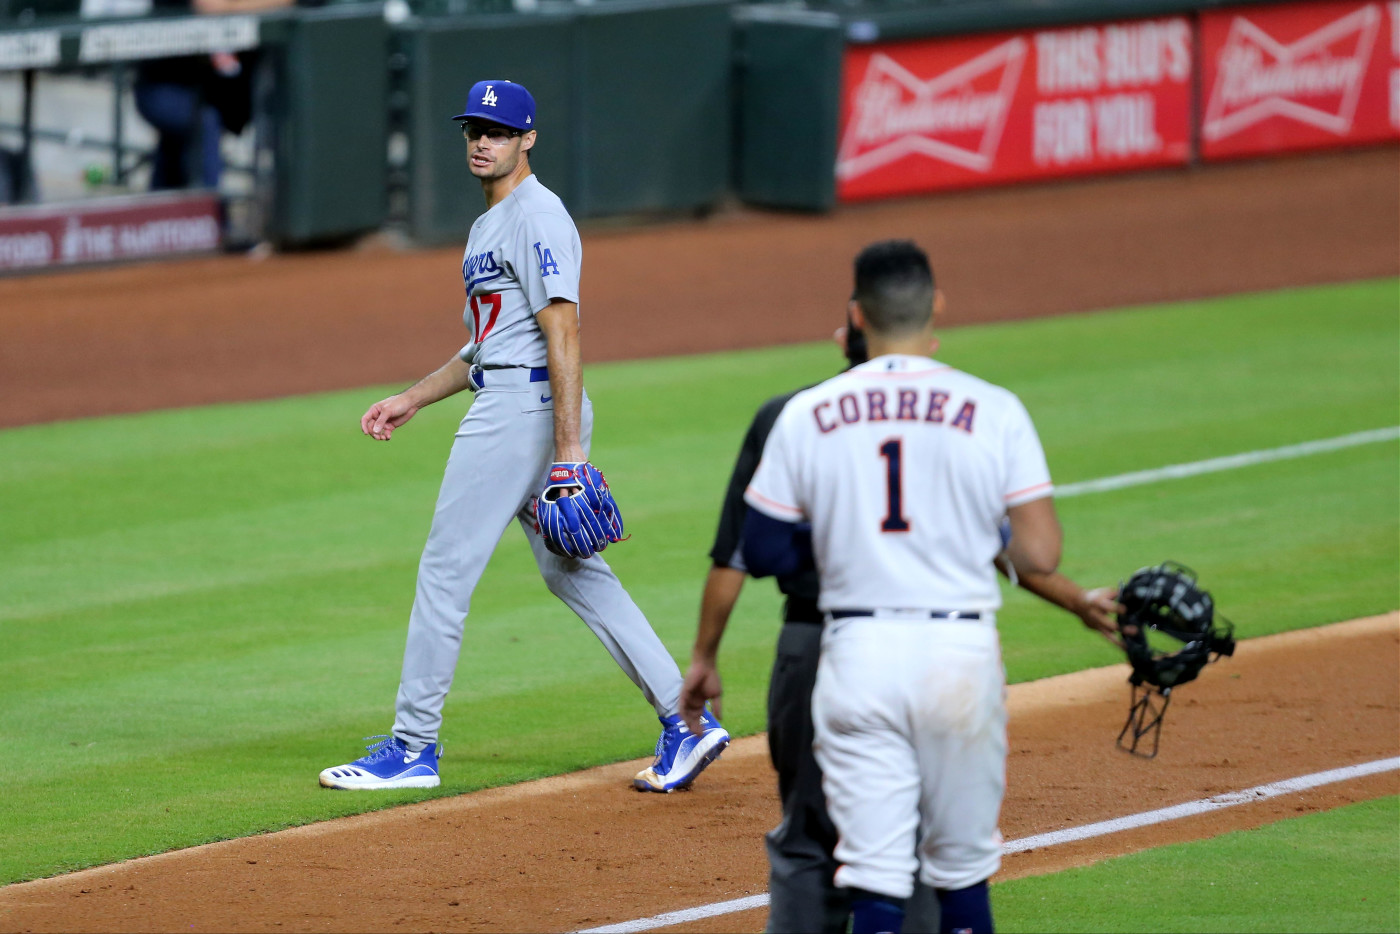 Joe Kelly Carlos Correa Astros Dodgers 2020